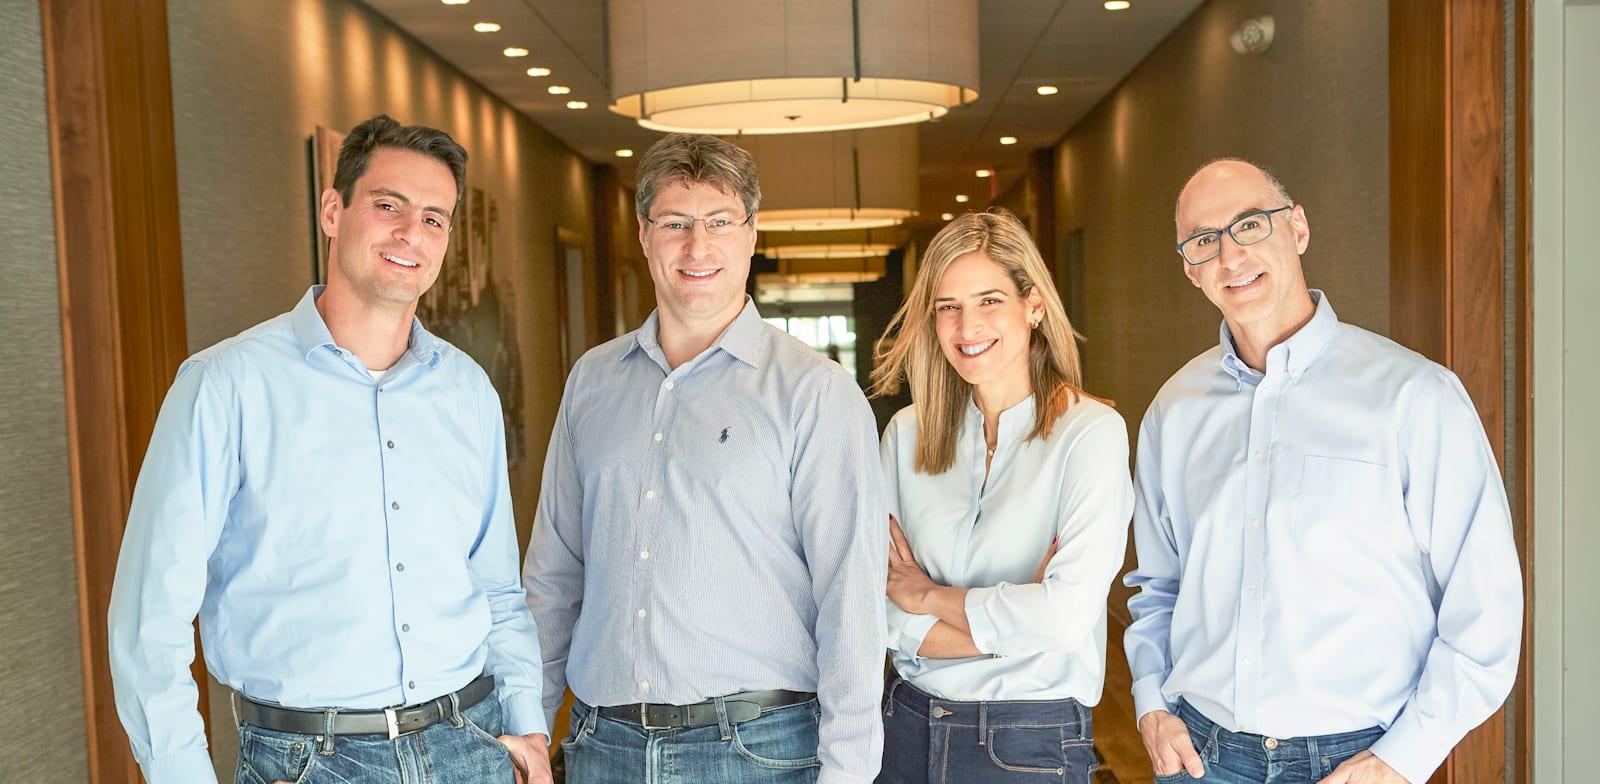 Sunbit founders Credit: PR